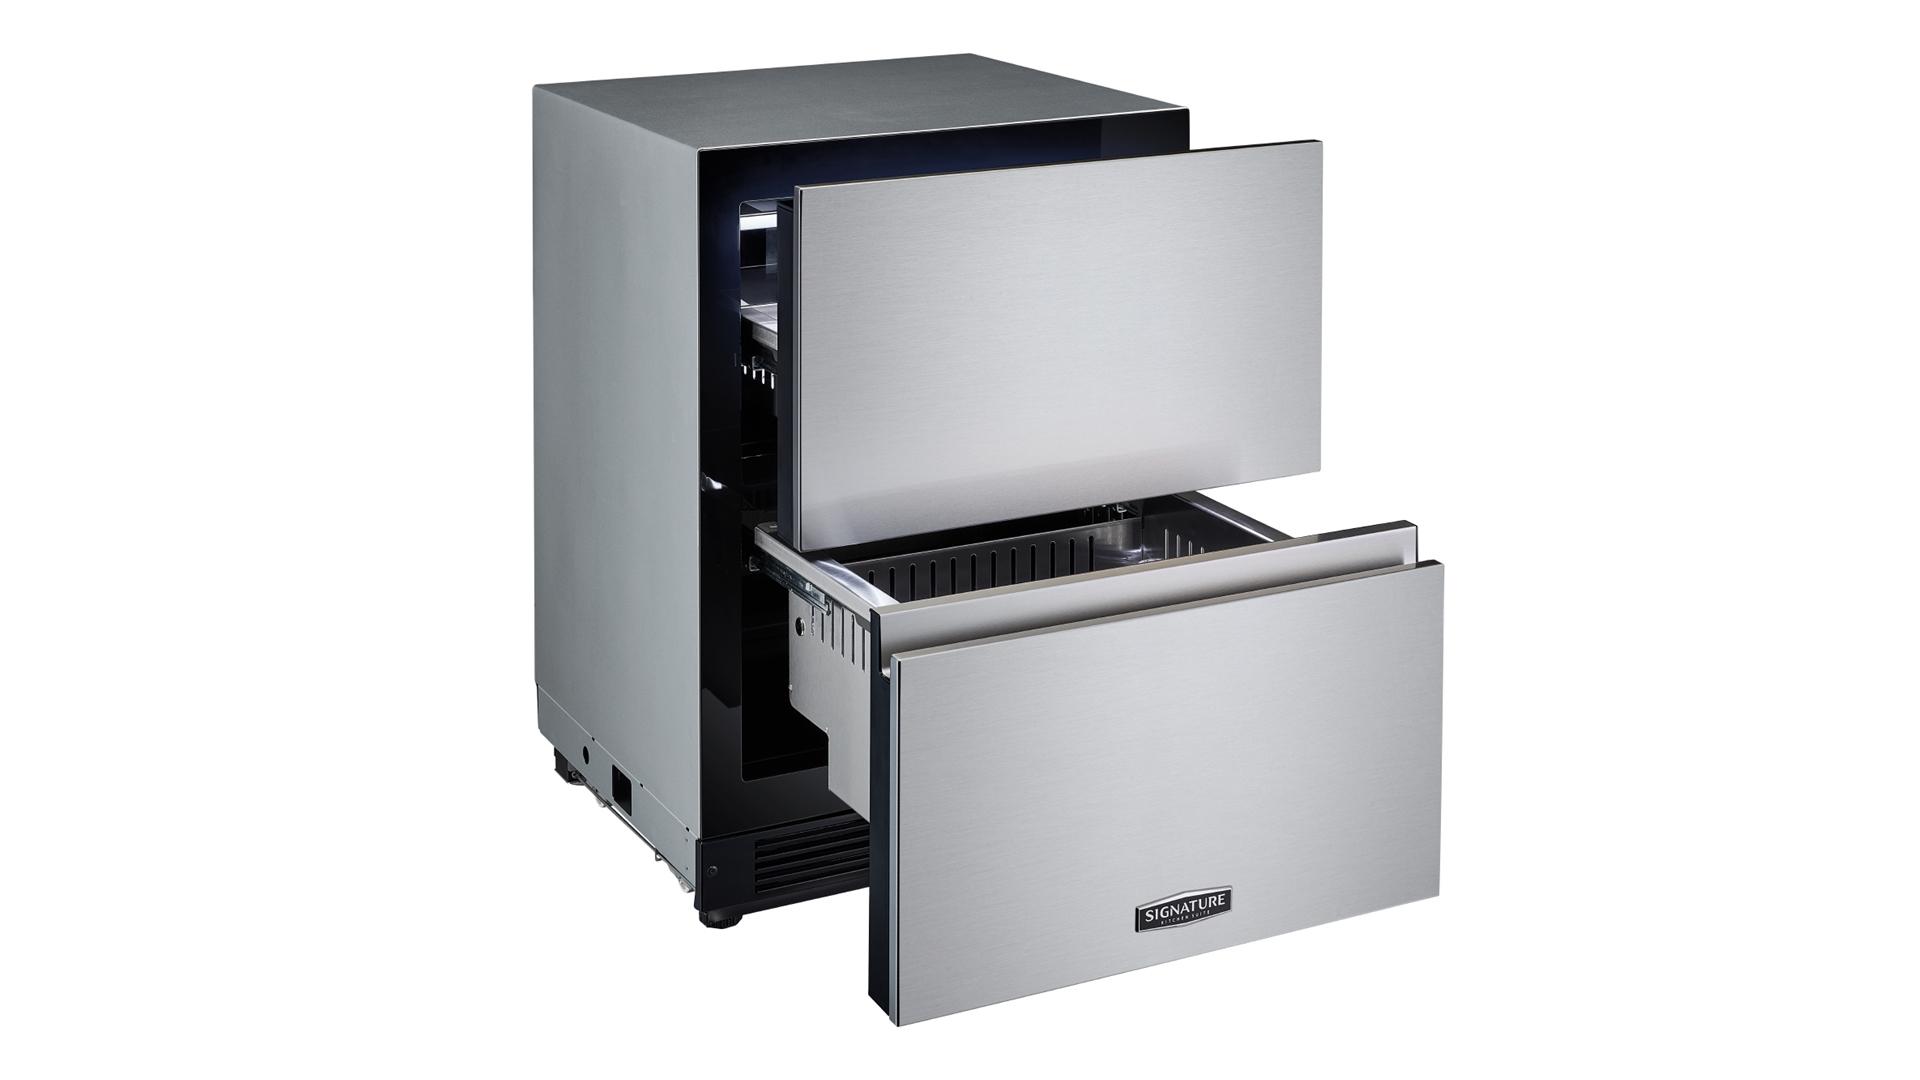 LG전자, '시그니처 키친 스위트' 아일랜드 와인셀러·서랍형 냉장고 출시